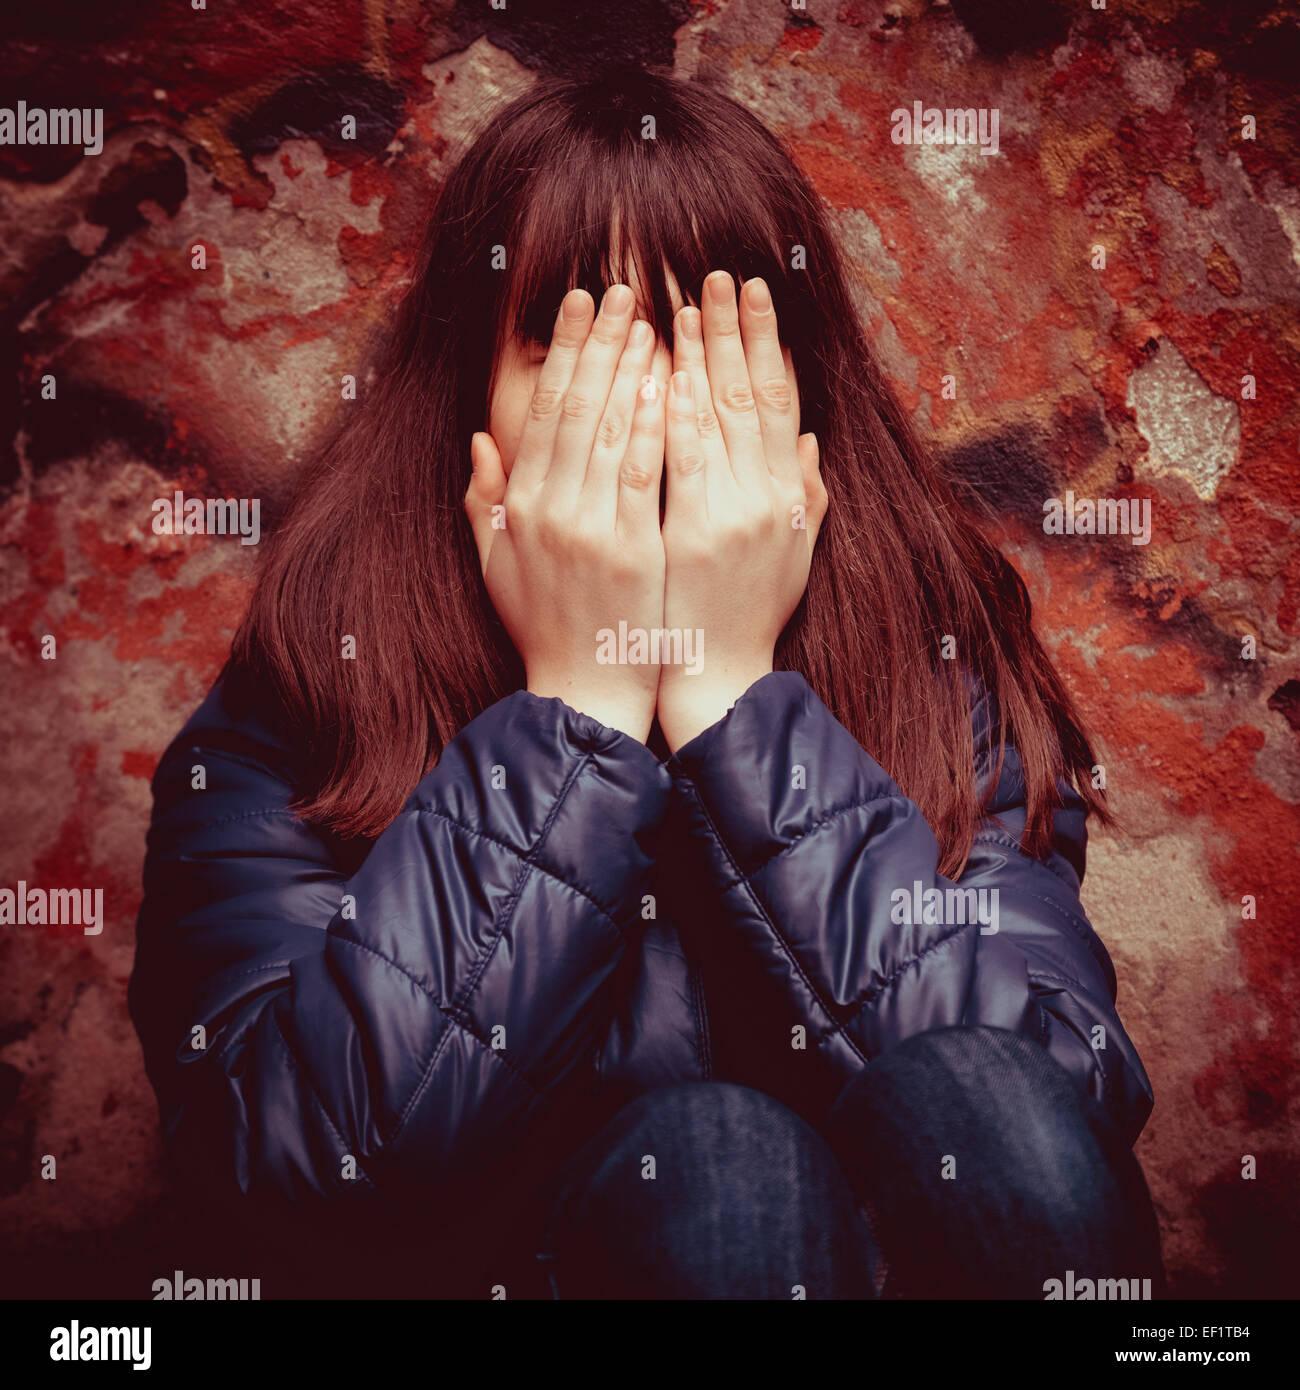 Adolescentes avec les mains au-dessus des yeux près de mur rouge spectaculaire en plein air Photo Stock